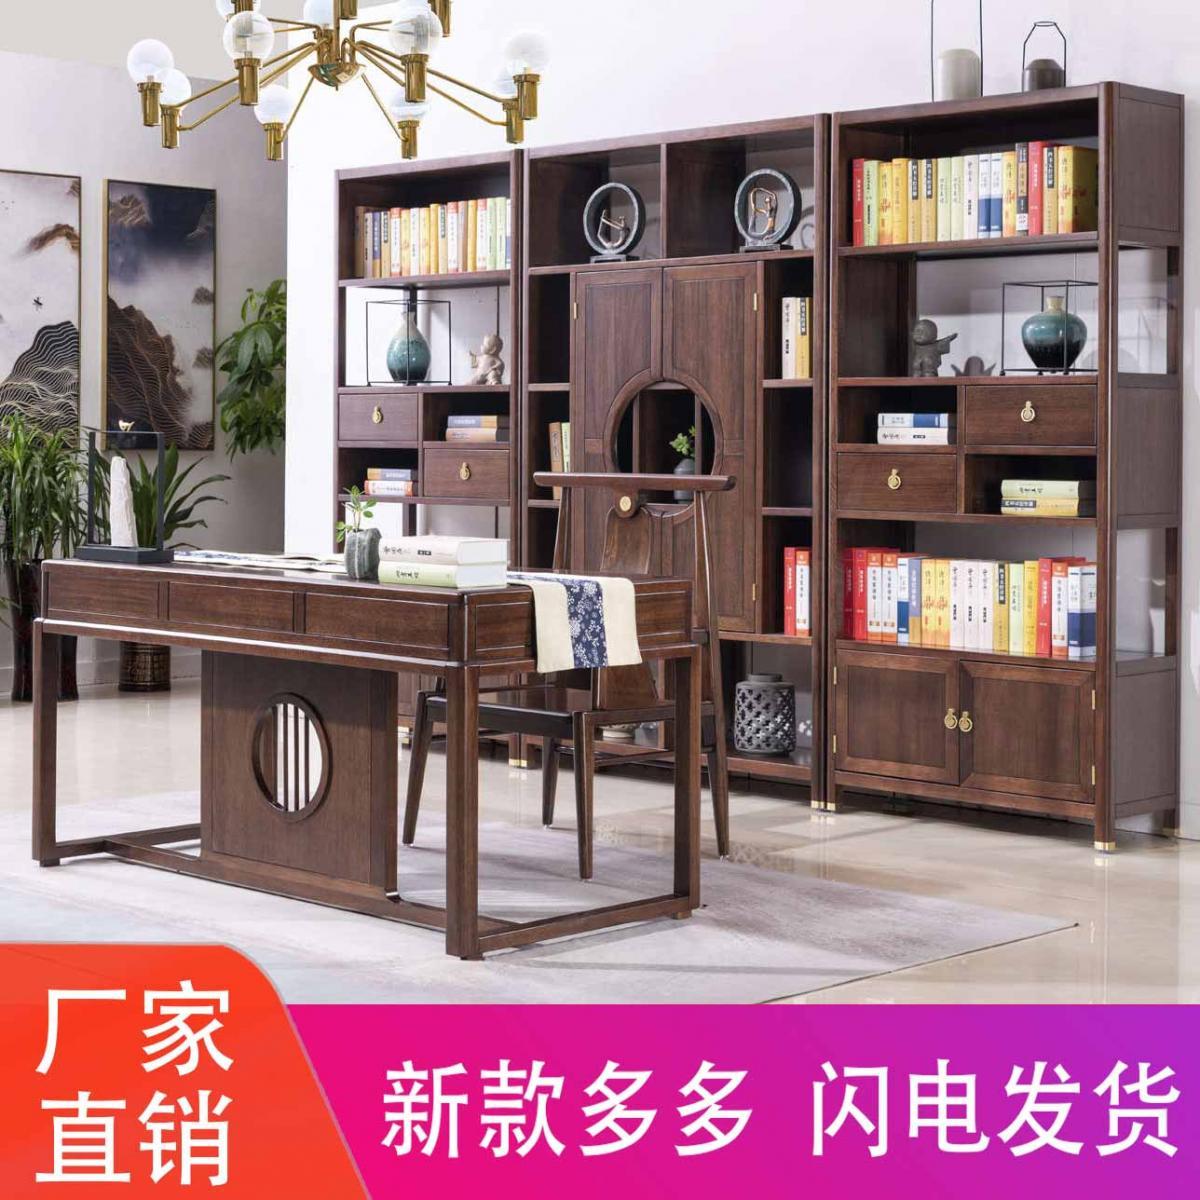 新中式实木书桌书架组合现代中式写字桌书房整套家具